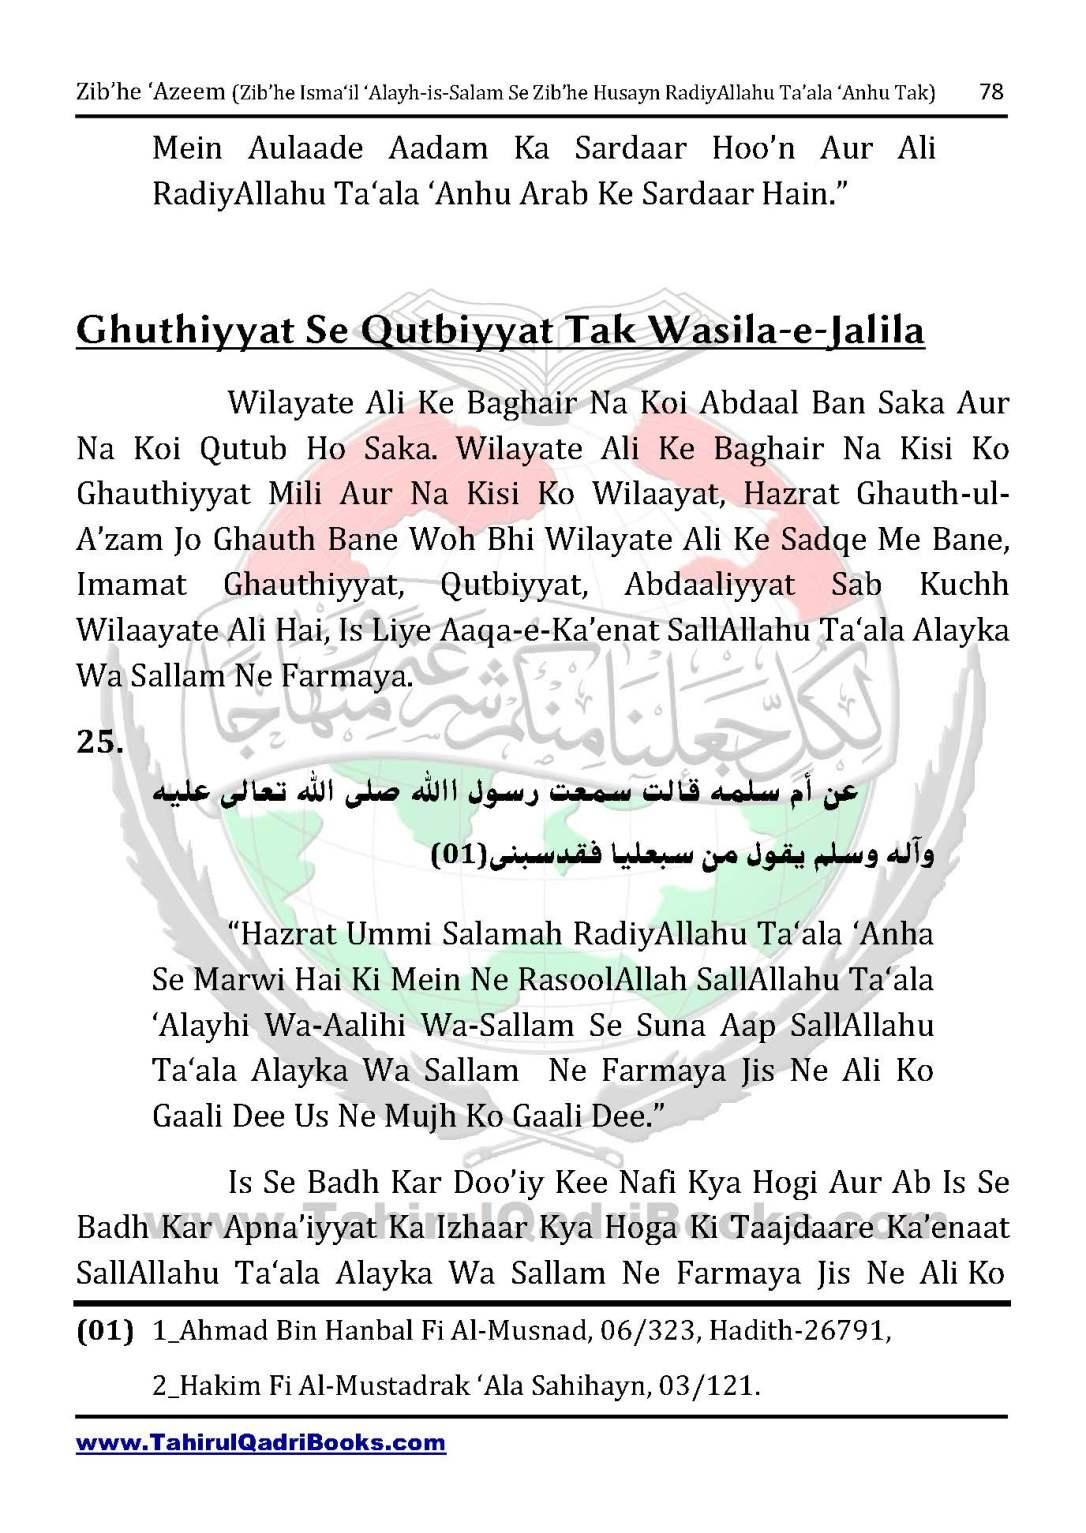 zib_he-e28098azeem-zib_he-ismacabbil-se-zib_he-husayn-tak-in-roman-urdu-unlocked_Page_078